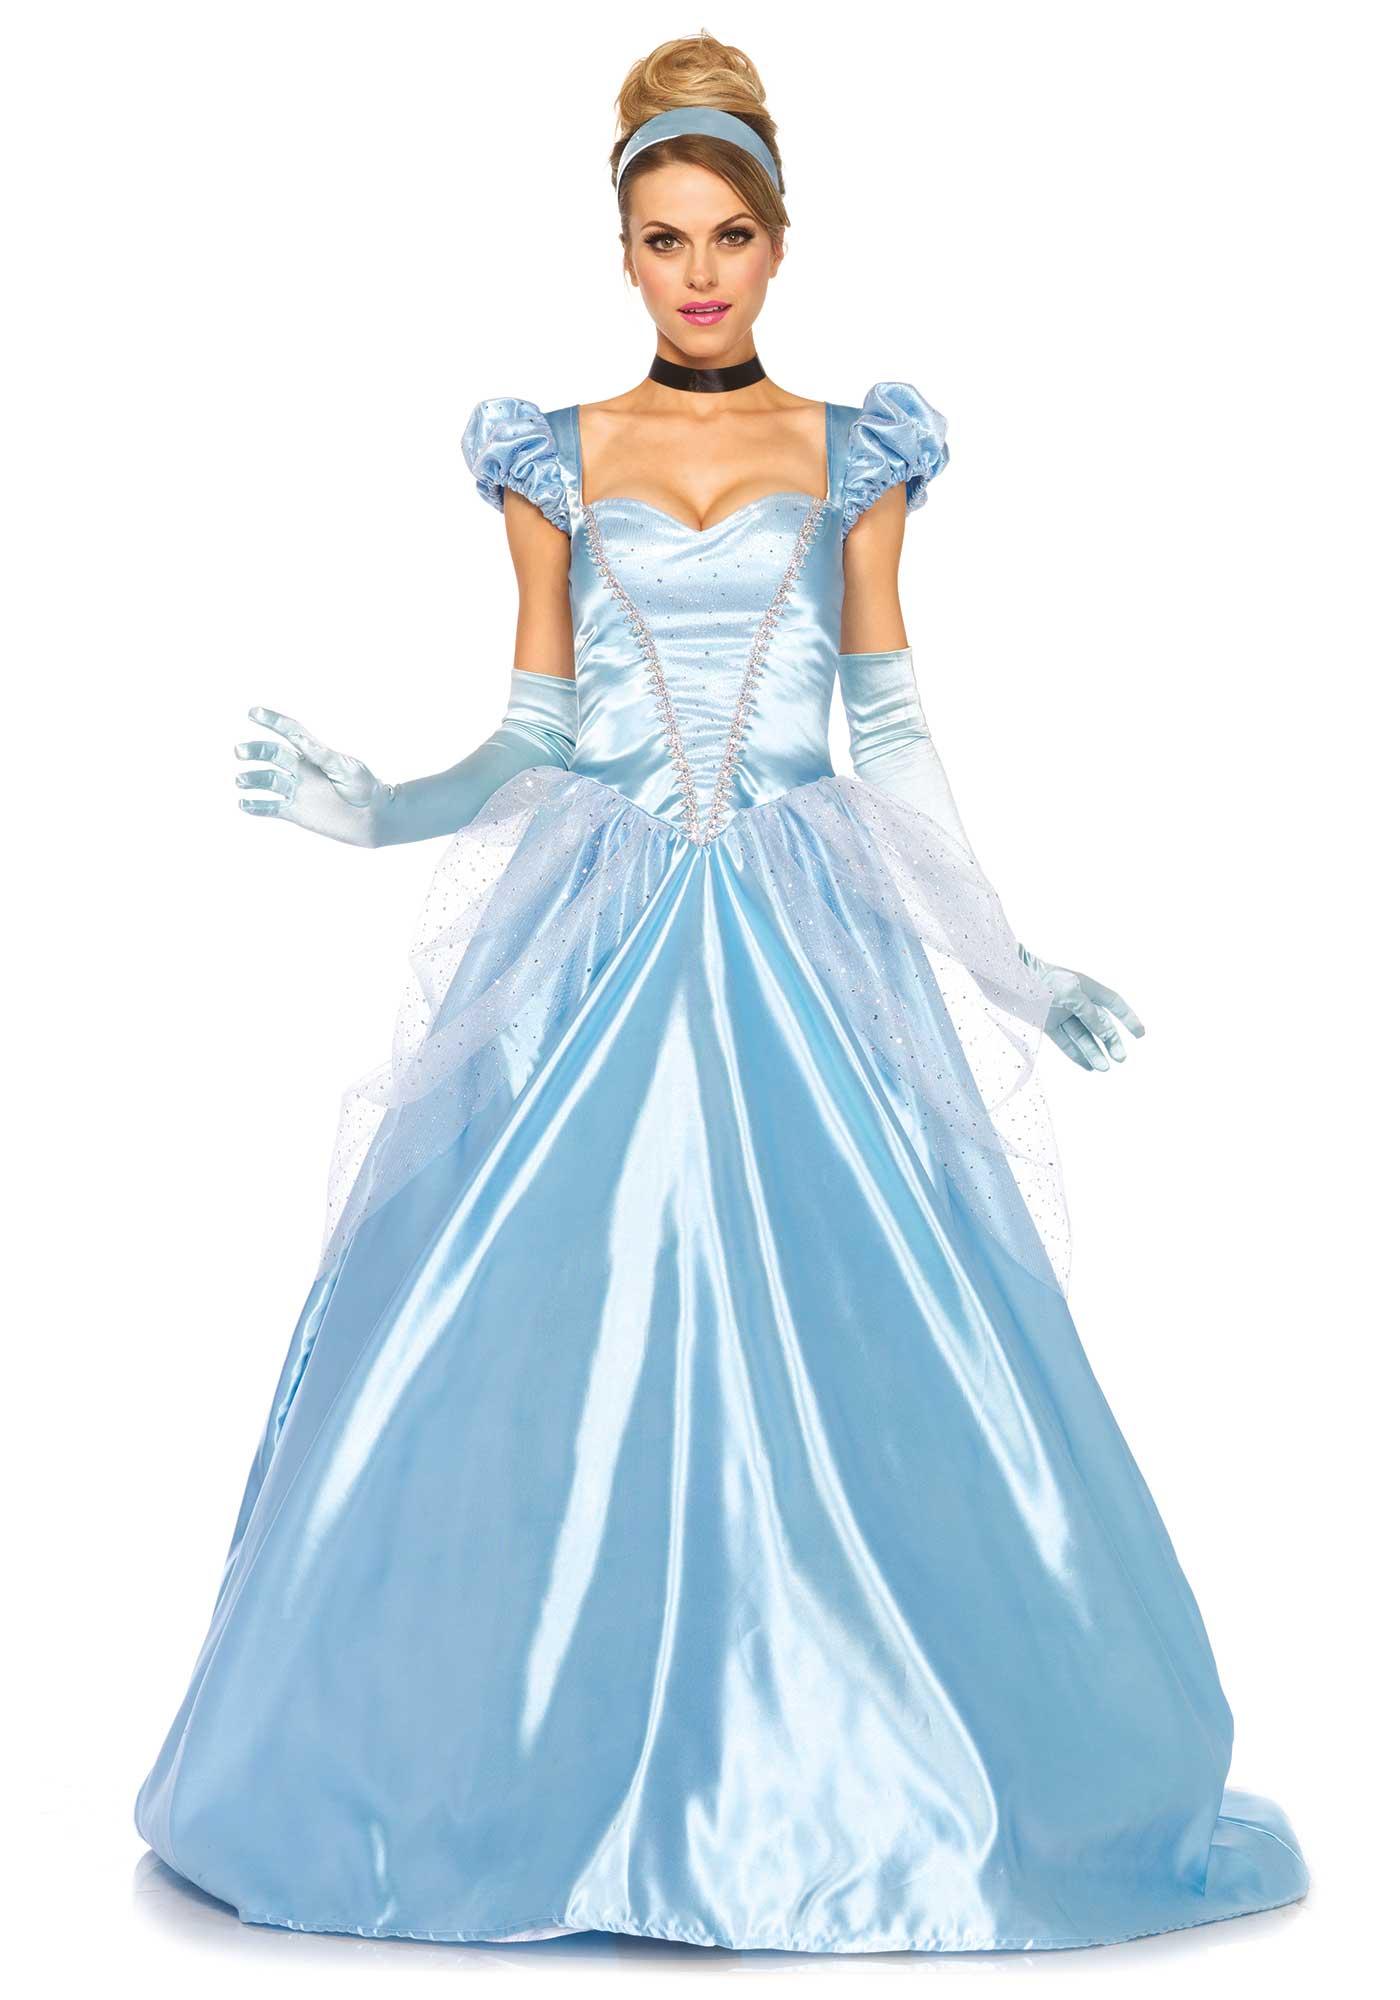 deguisement princesse adulte pas cher